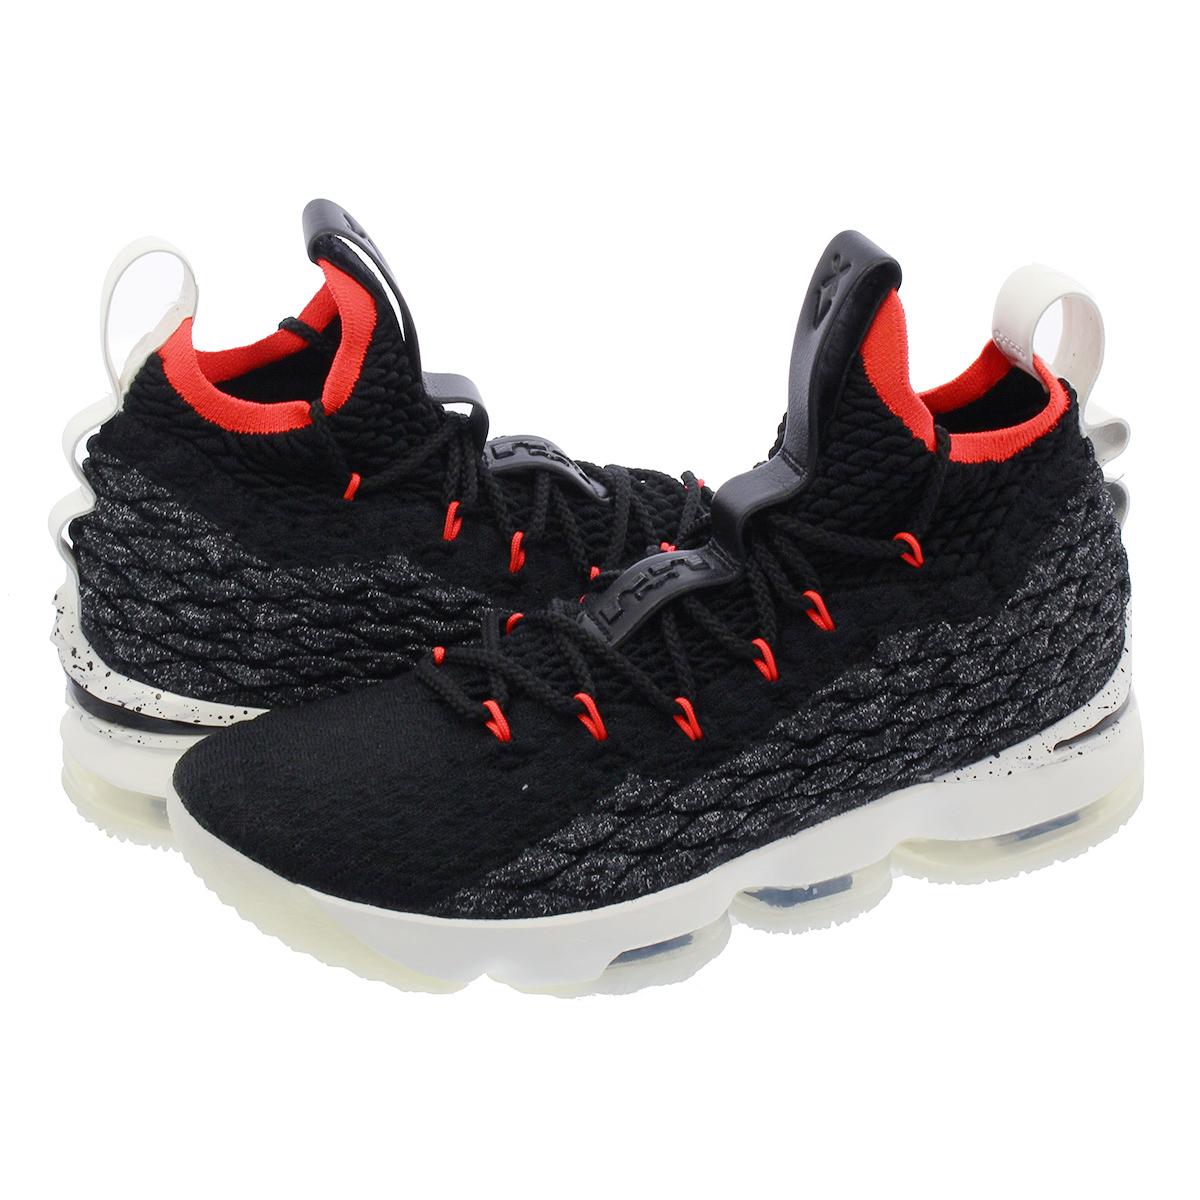 super popular 6a7e5 14ec3 NIKE LEBRON 15 Nike Revlon 15 BLACK SAIL BRIGHT CRIMSON aq2363-002